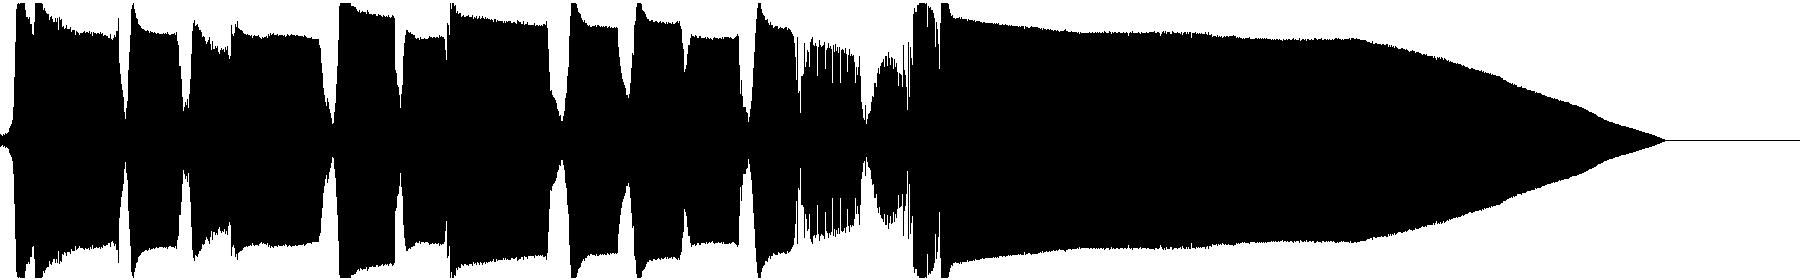 saxsoloe 6